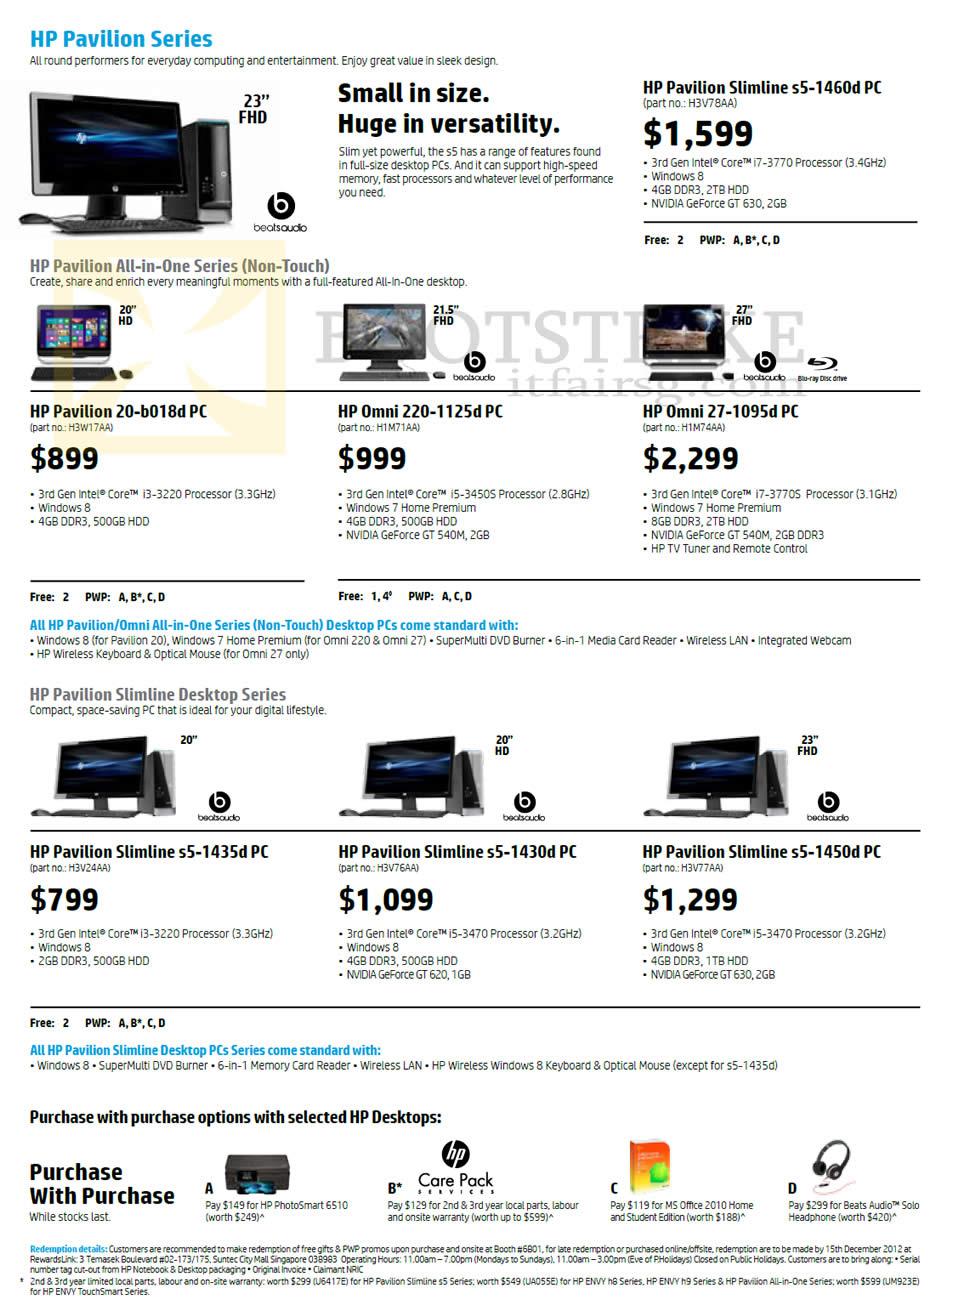 SITEX 2012 price list image brochure of HP Pavilion Desktop PCs, S5-1435d, S5-1430d, S5-1450d, AIO 20-b018d, Omni 220-1125d, 27-1095d